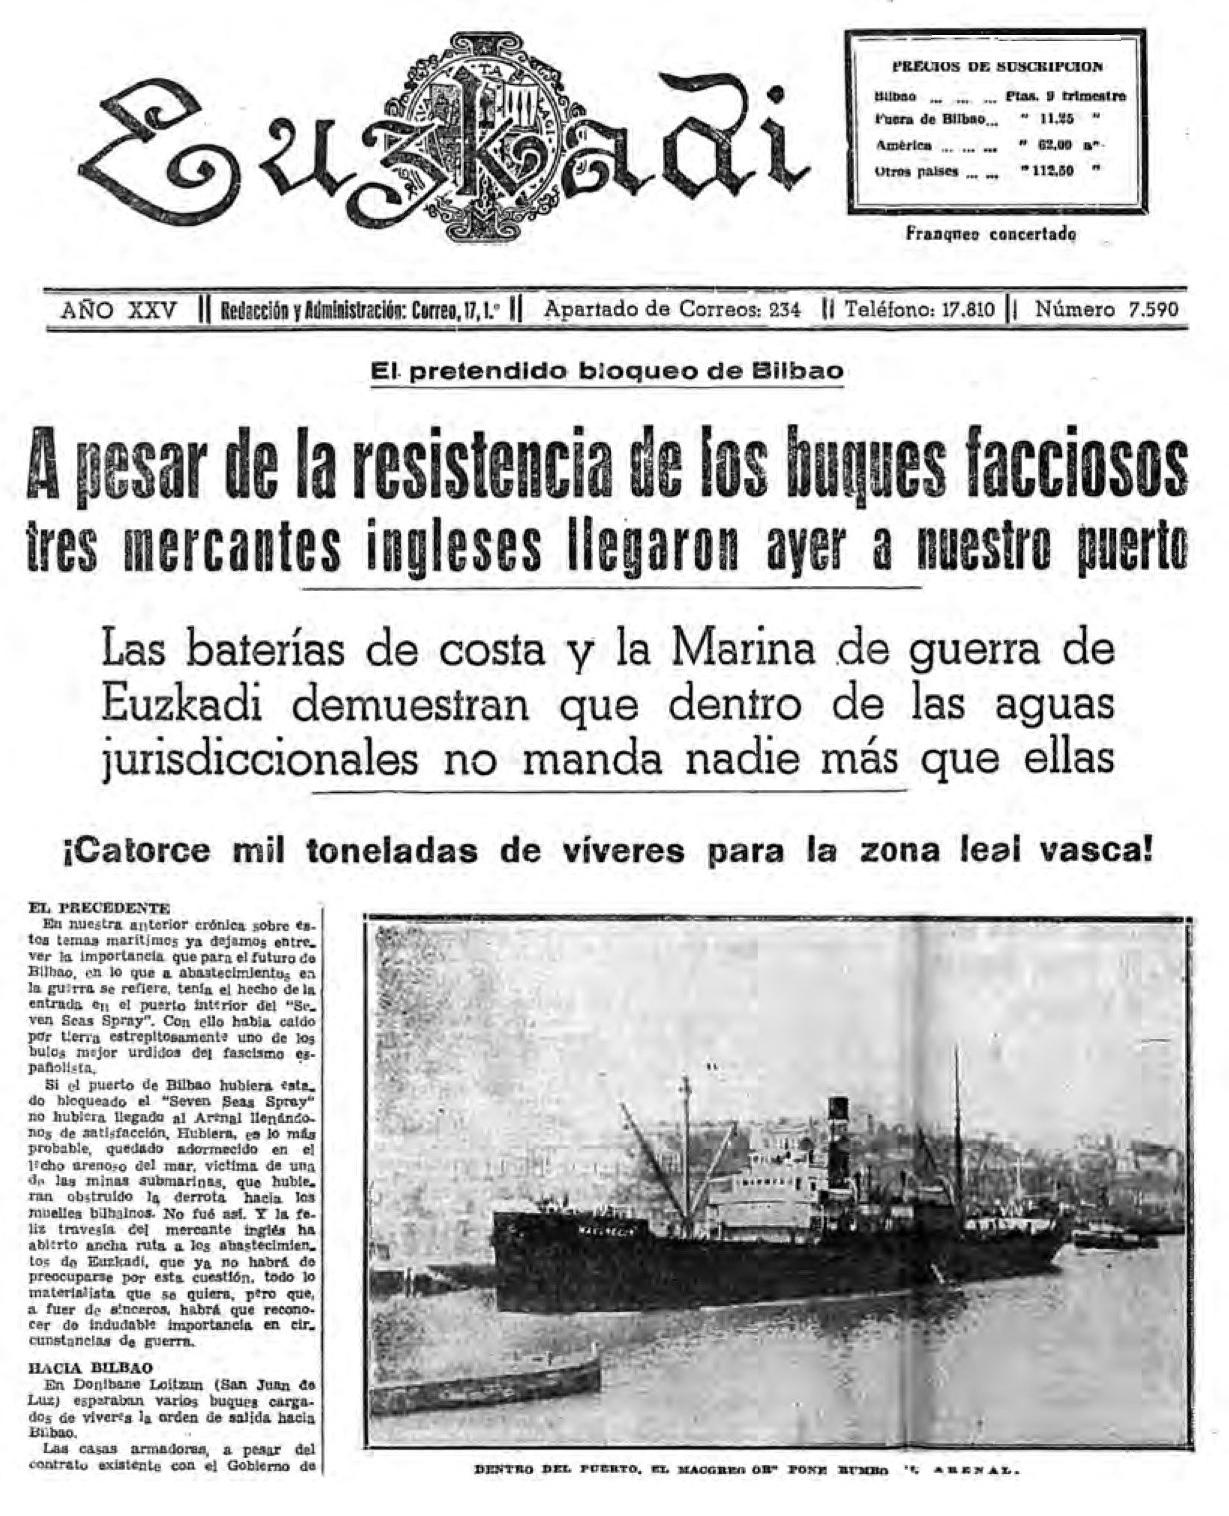 Portada del diario Euskadi informando d ella ruptura del bloqueo de los insurrectos por parte de buques británicos